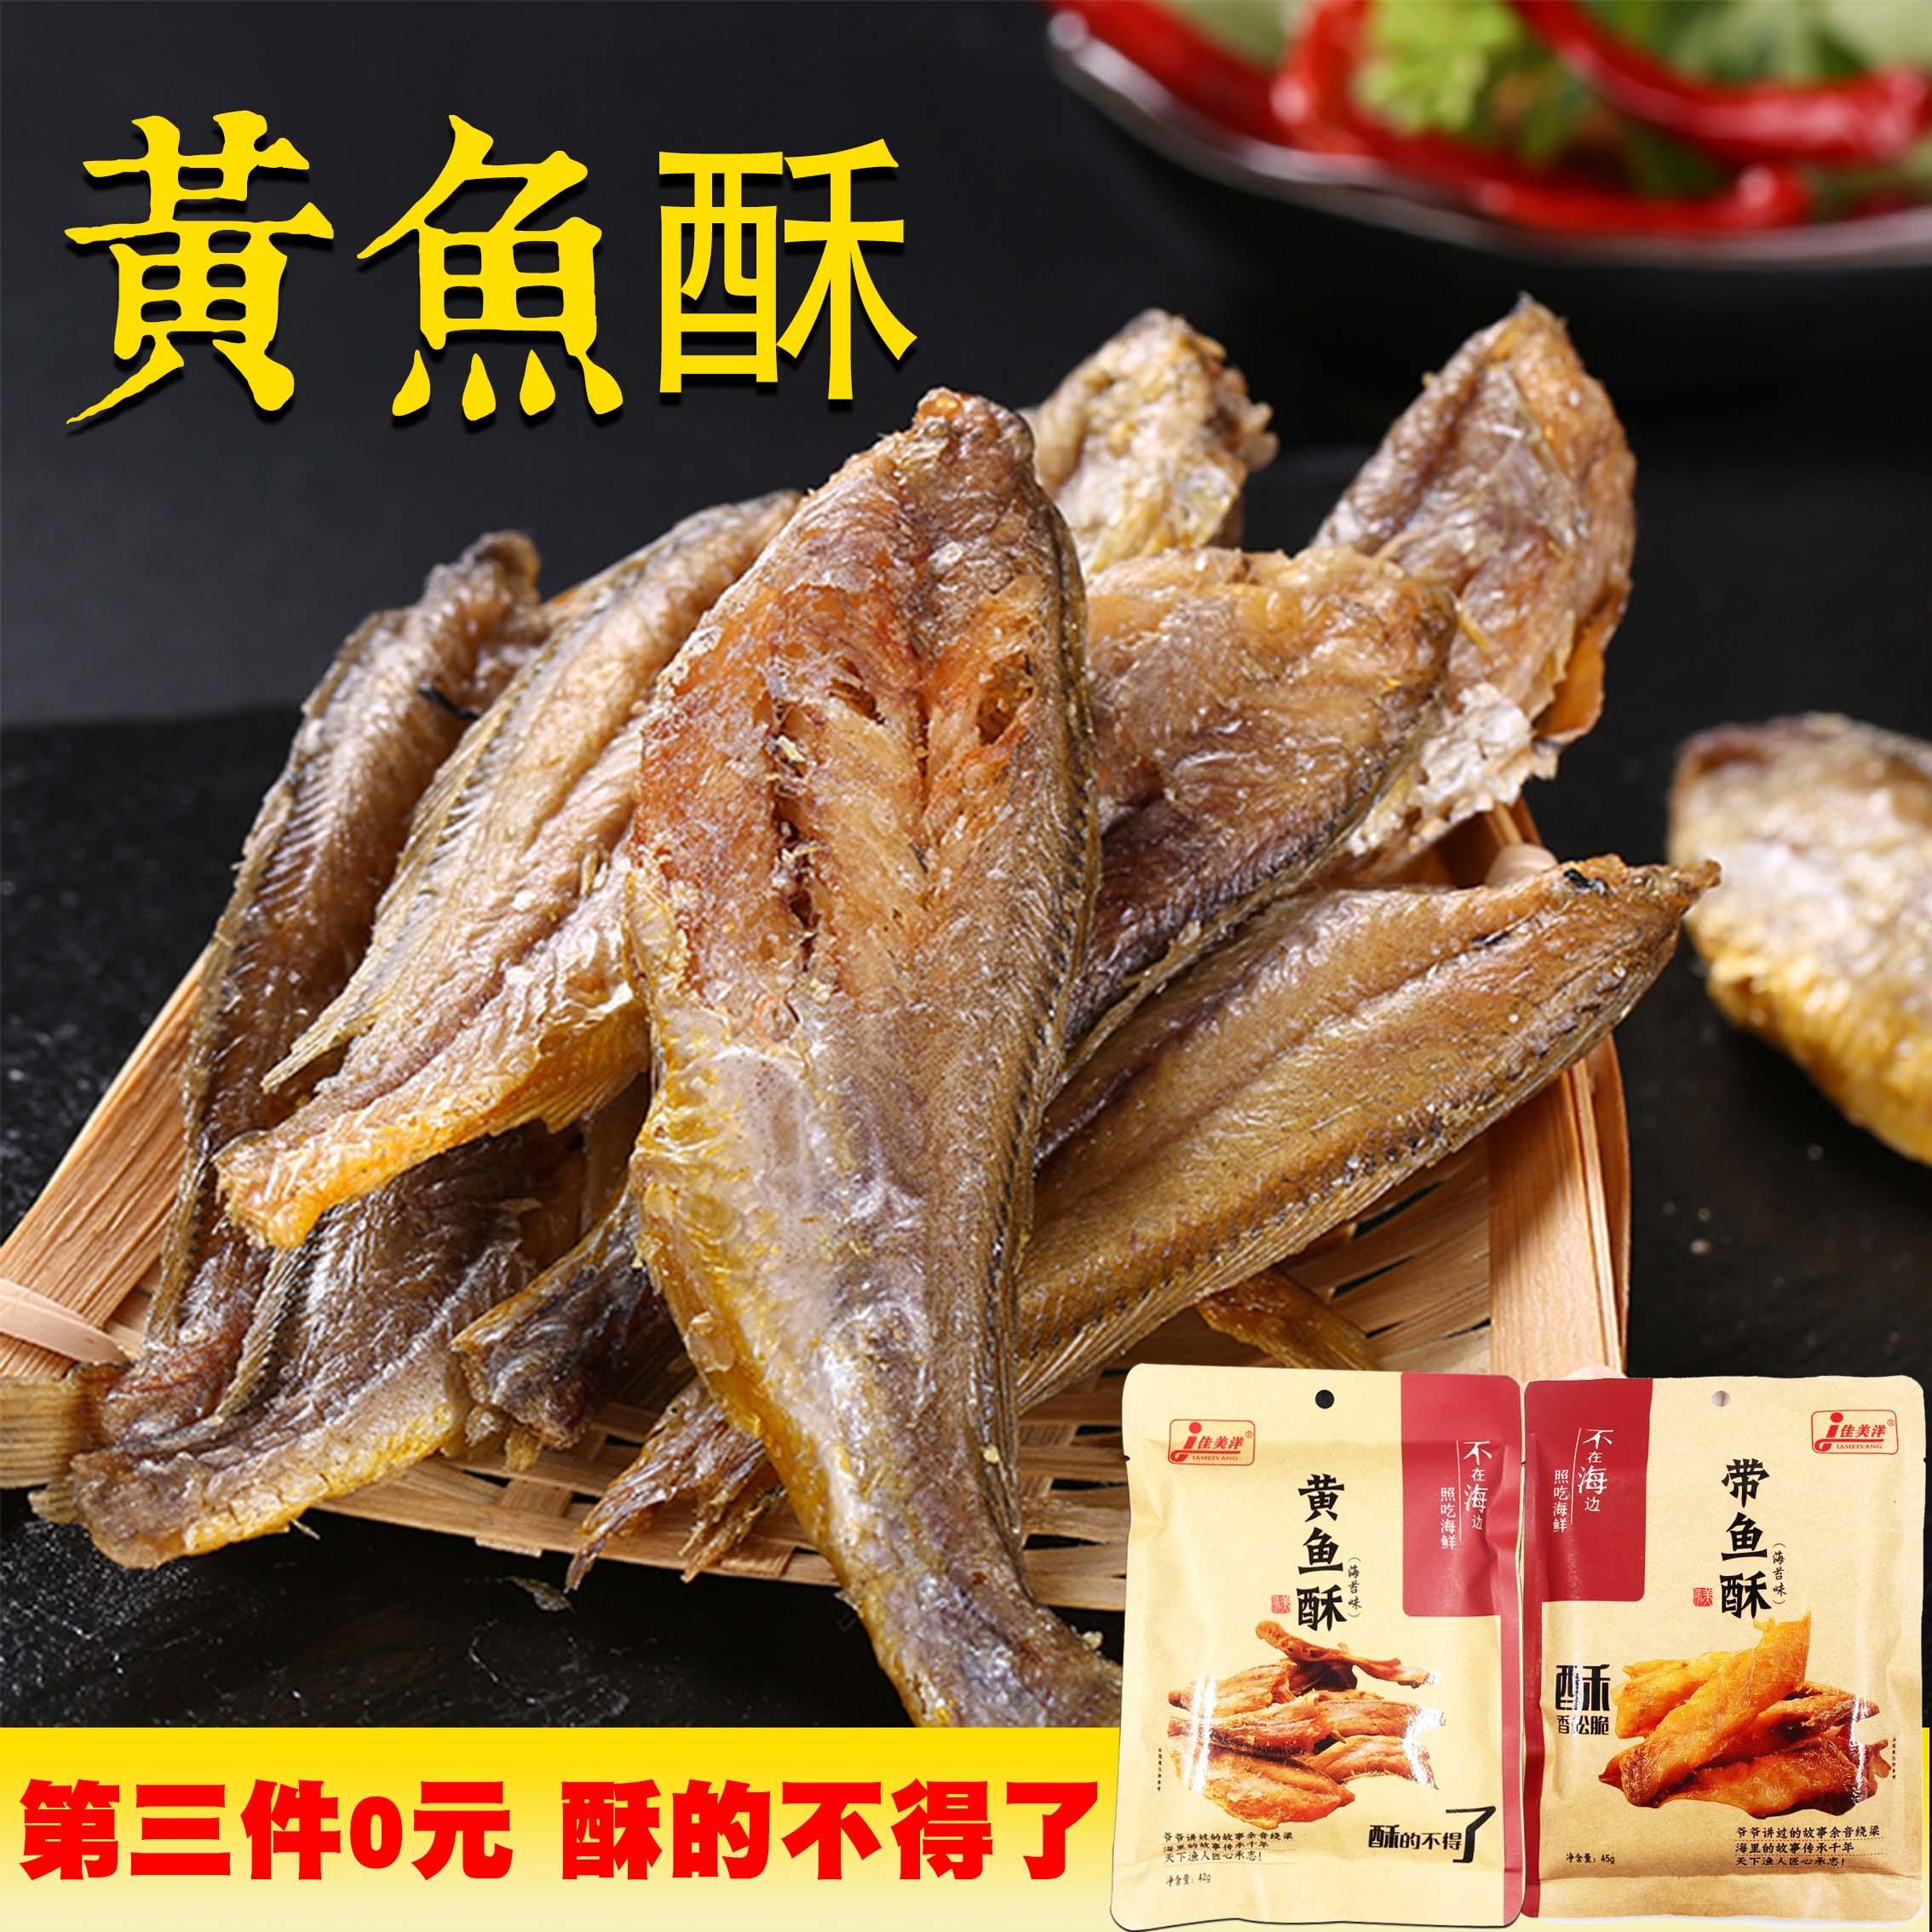 佳美洋青岛特产带鱼黄鱼酥香烤小鱼干酥炸小黄鱼即食零食星仔海鲜